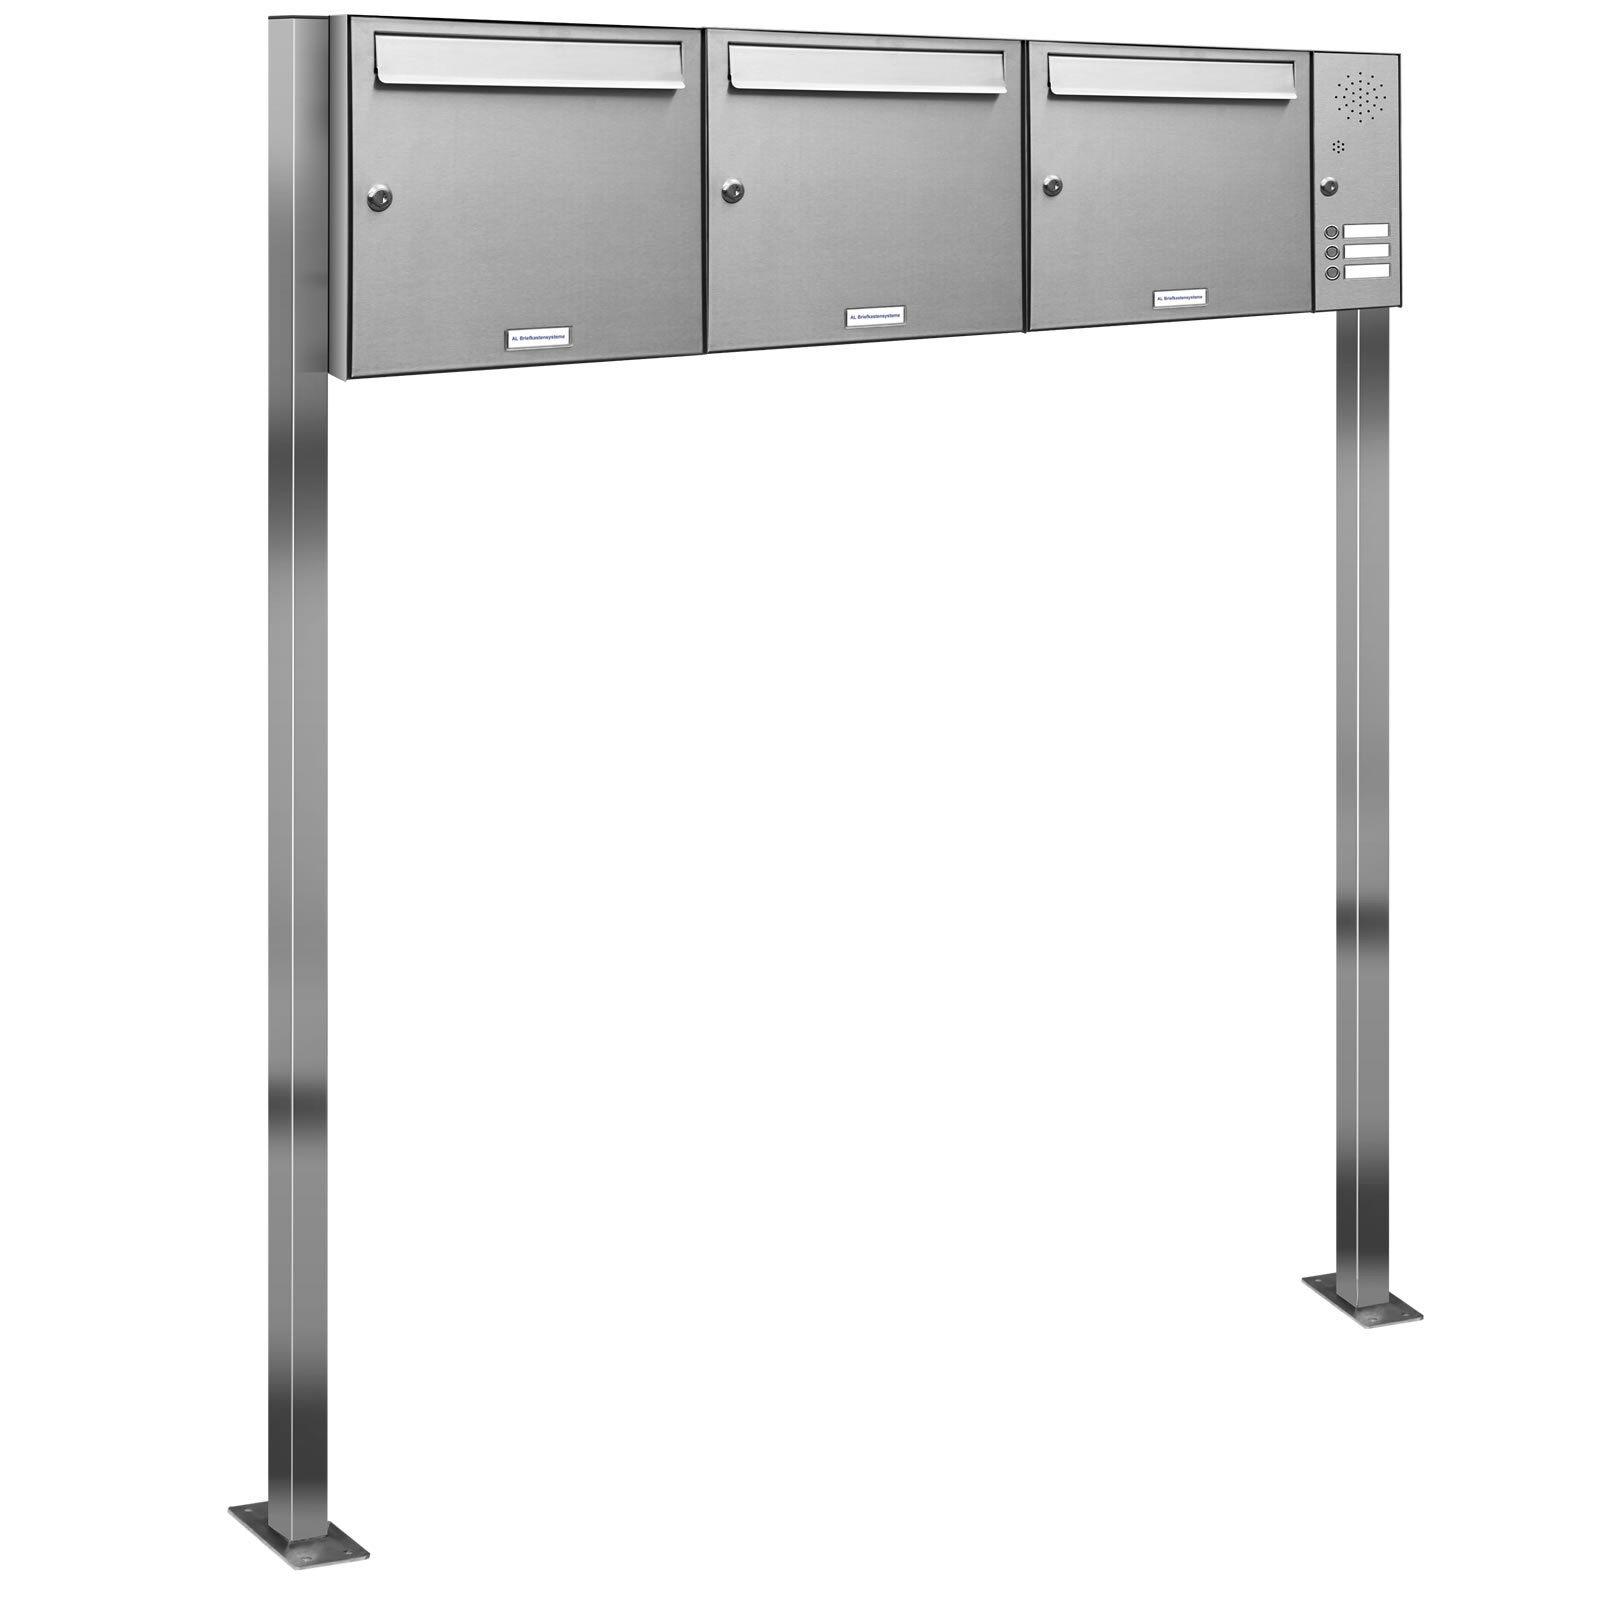 3 er Premium Edelstahl Stand Briefkasten Anlage mit Klingel A4 Postkasten 3x1